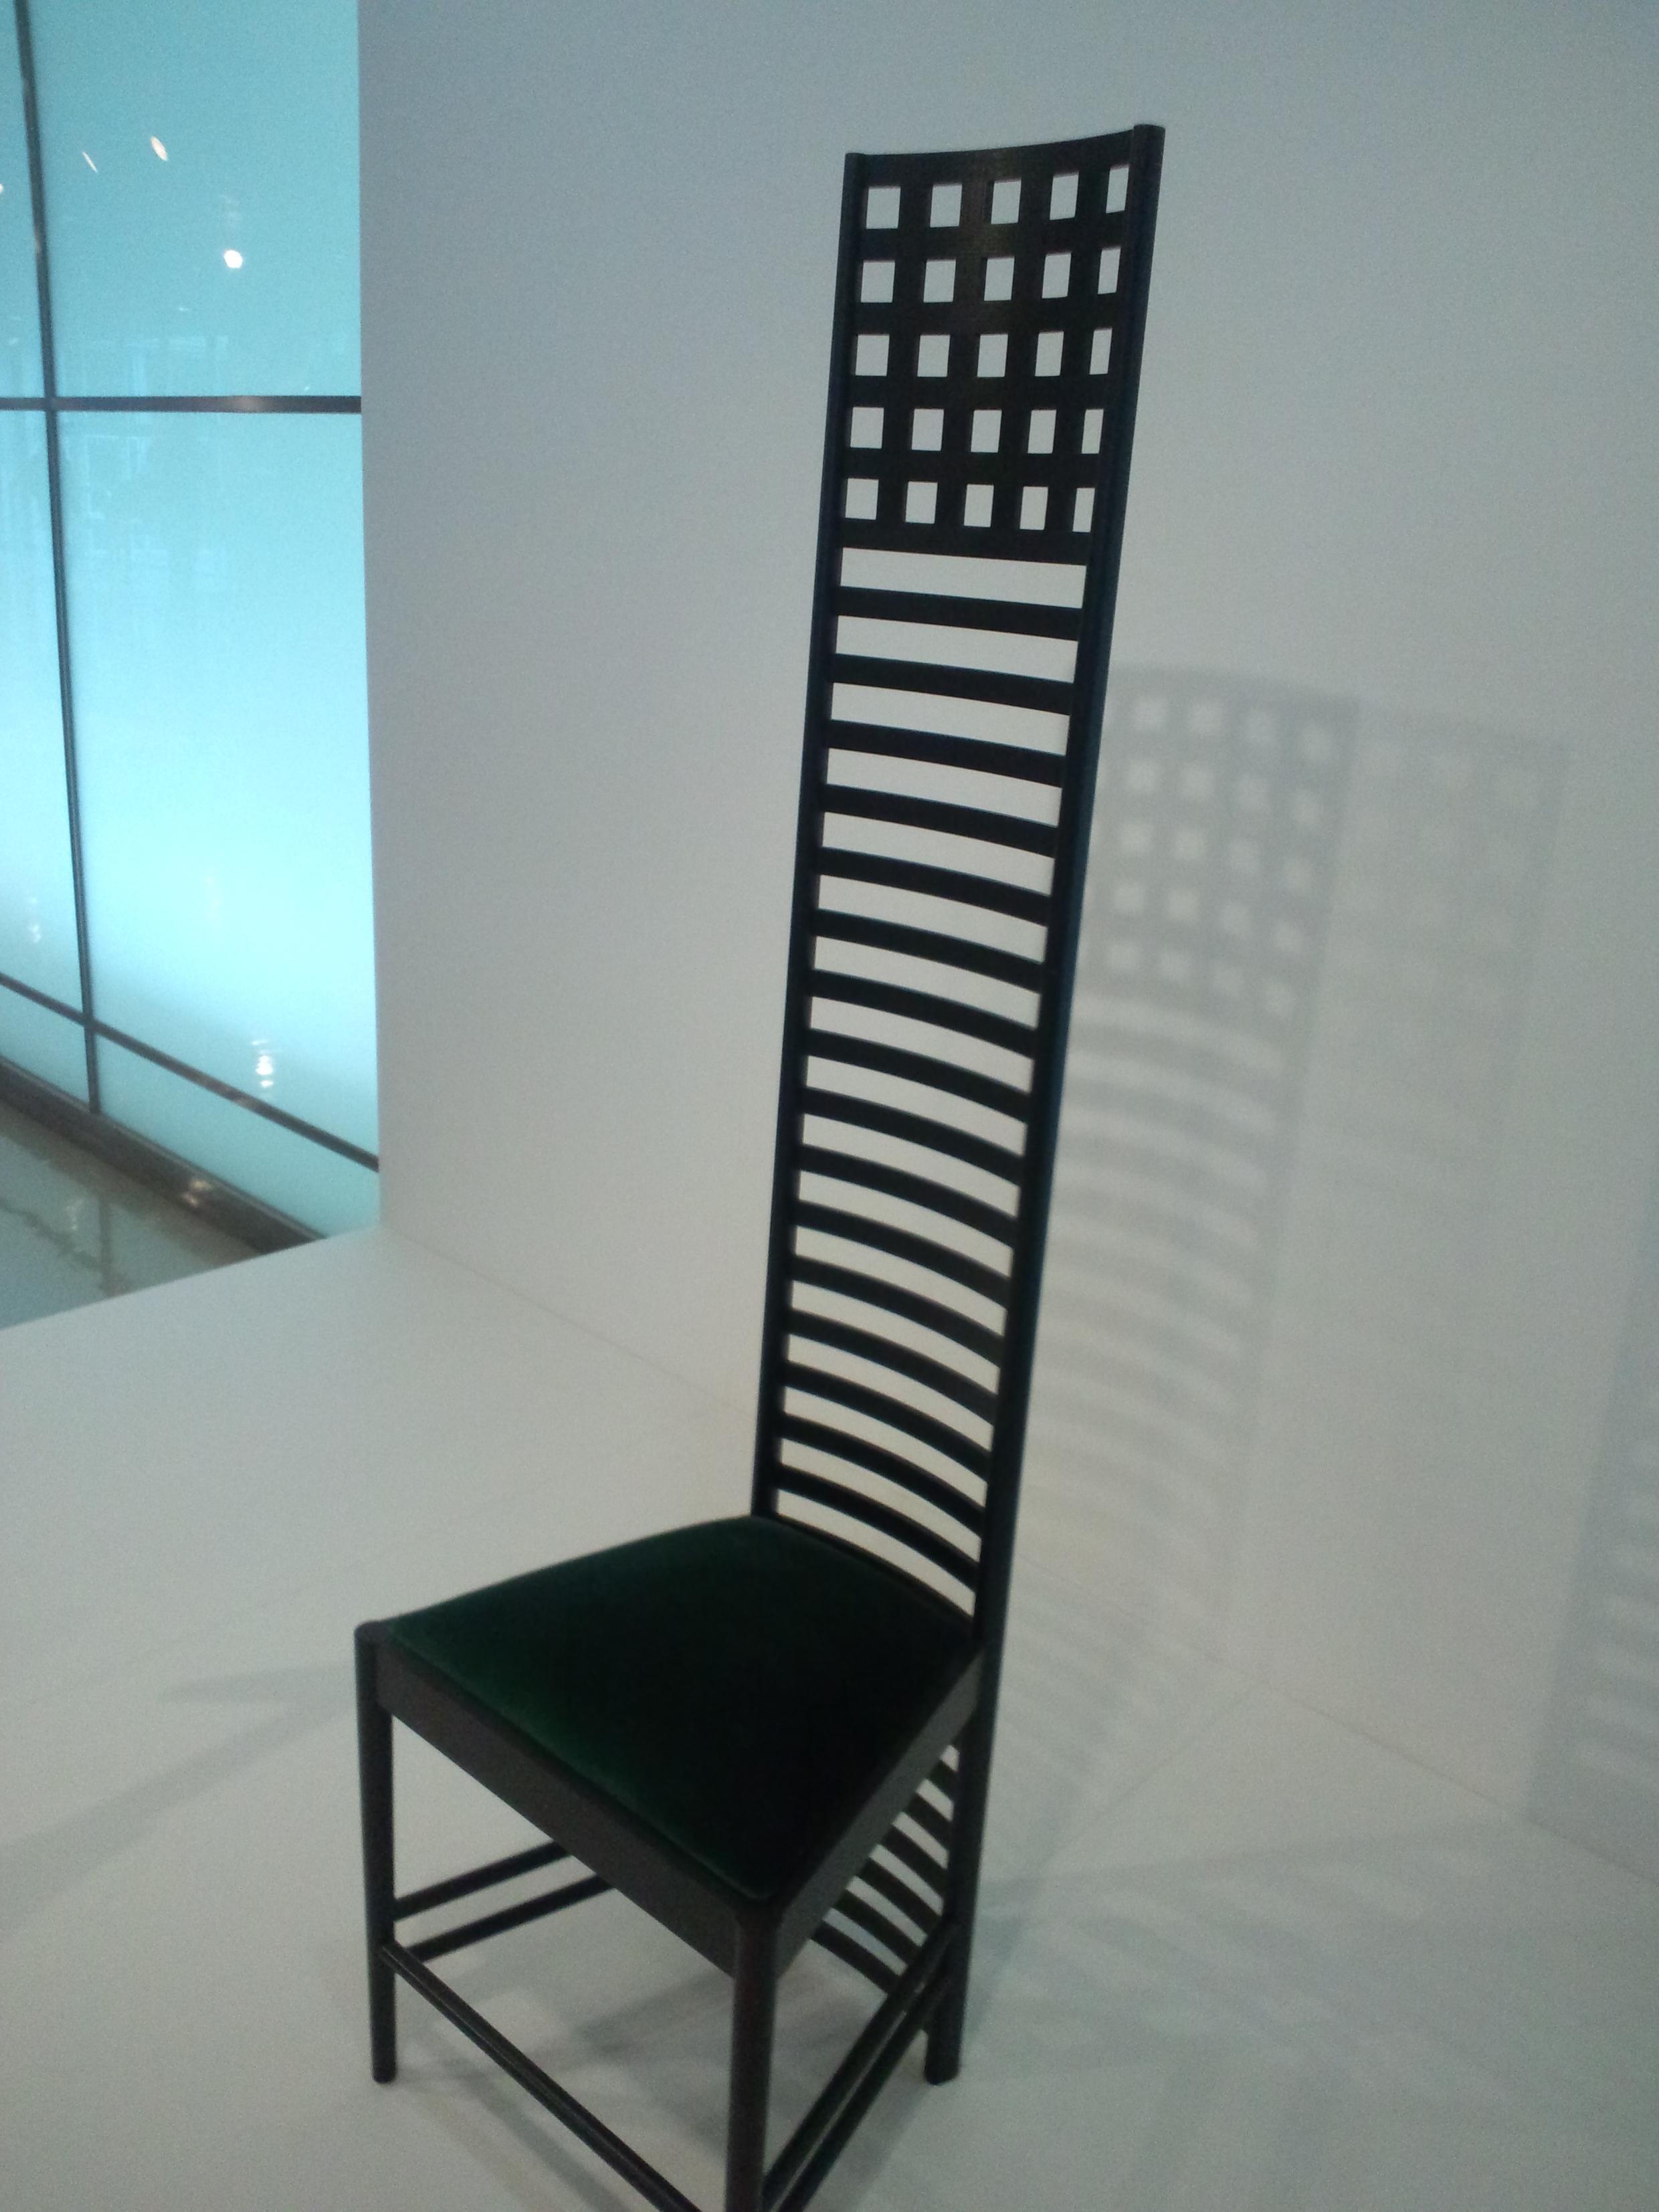 Cadeira de Mackintosh no Museu Nacional de Etnologia de Osaka, Japão.